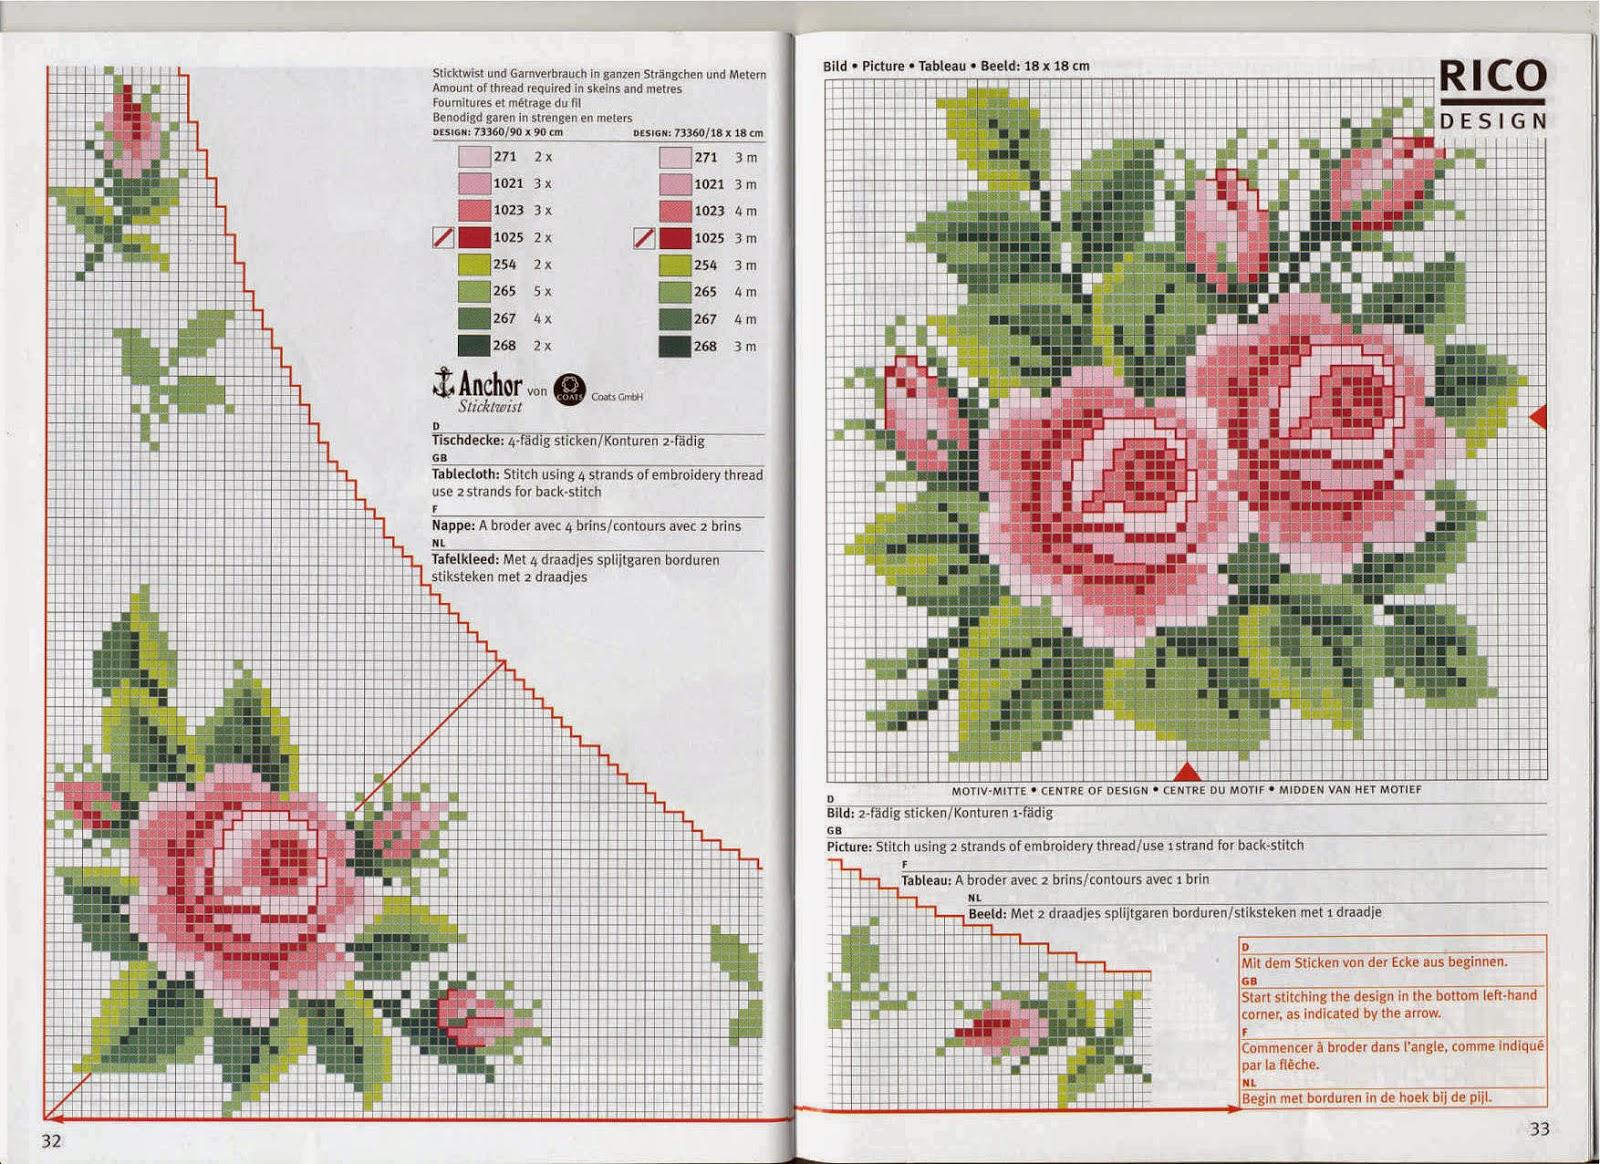 Artetramas online artesanato variado gr fico ponto cruz for Designer di garage online gratuito